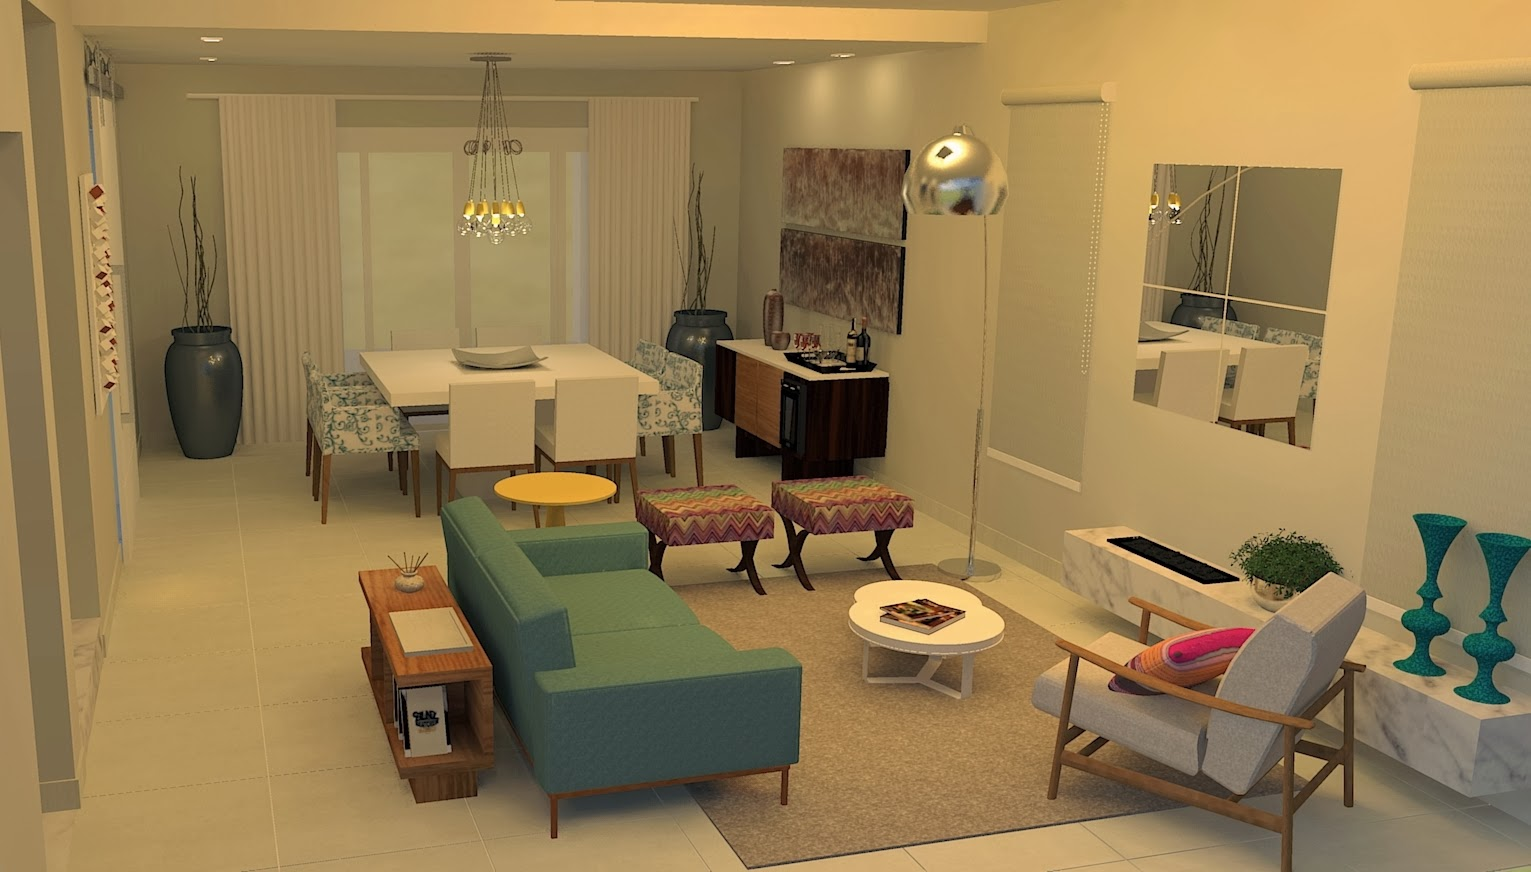 #AA7421 decoracao de sala jovem:para as salas de estar e jantar indicamos um  1531x872 píxeis em Decoração Sala De Estar Rack